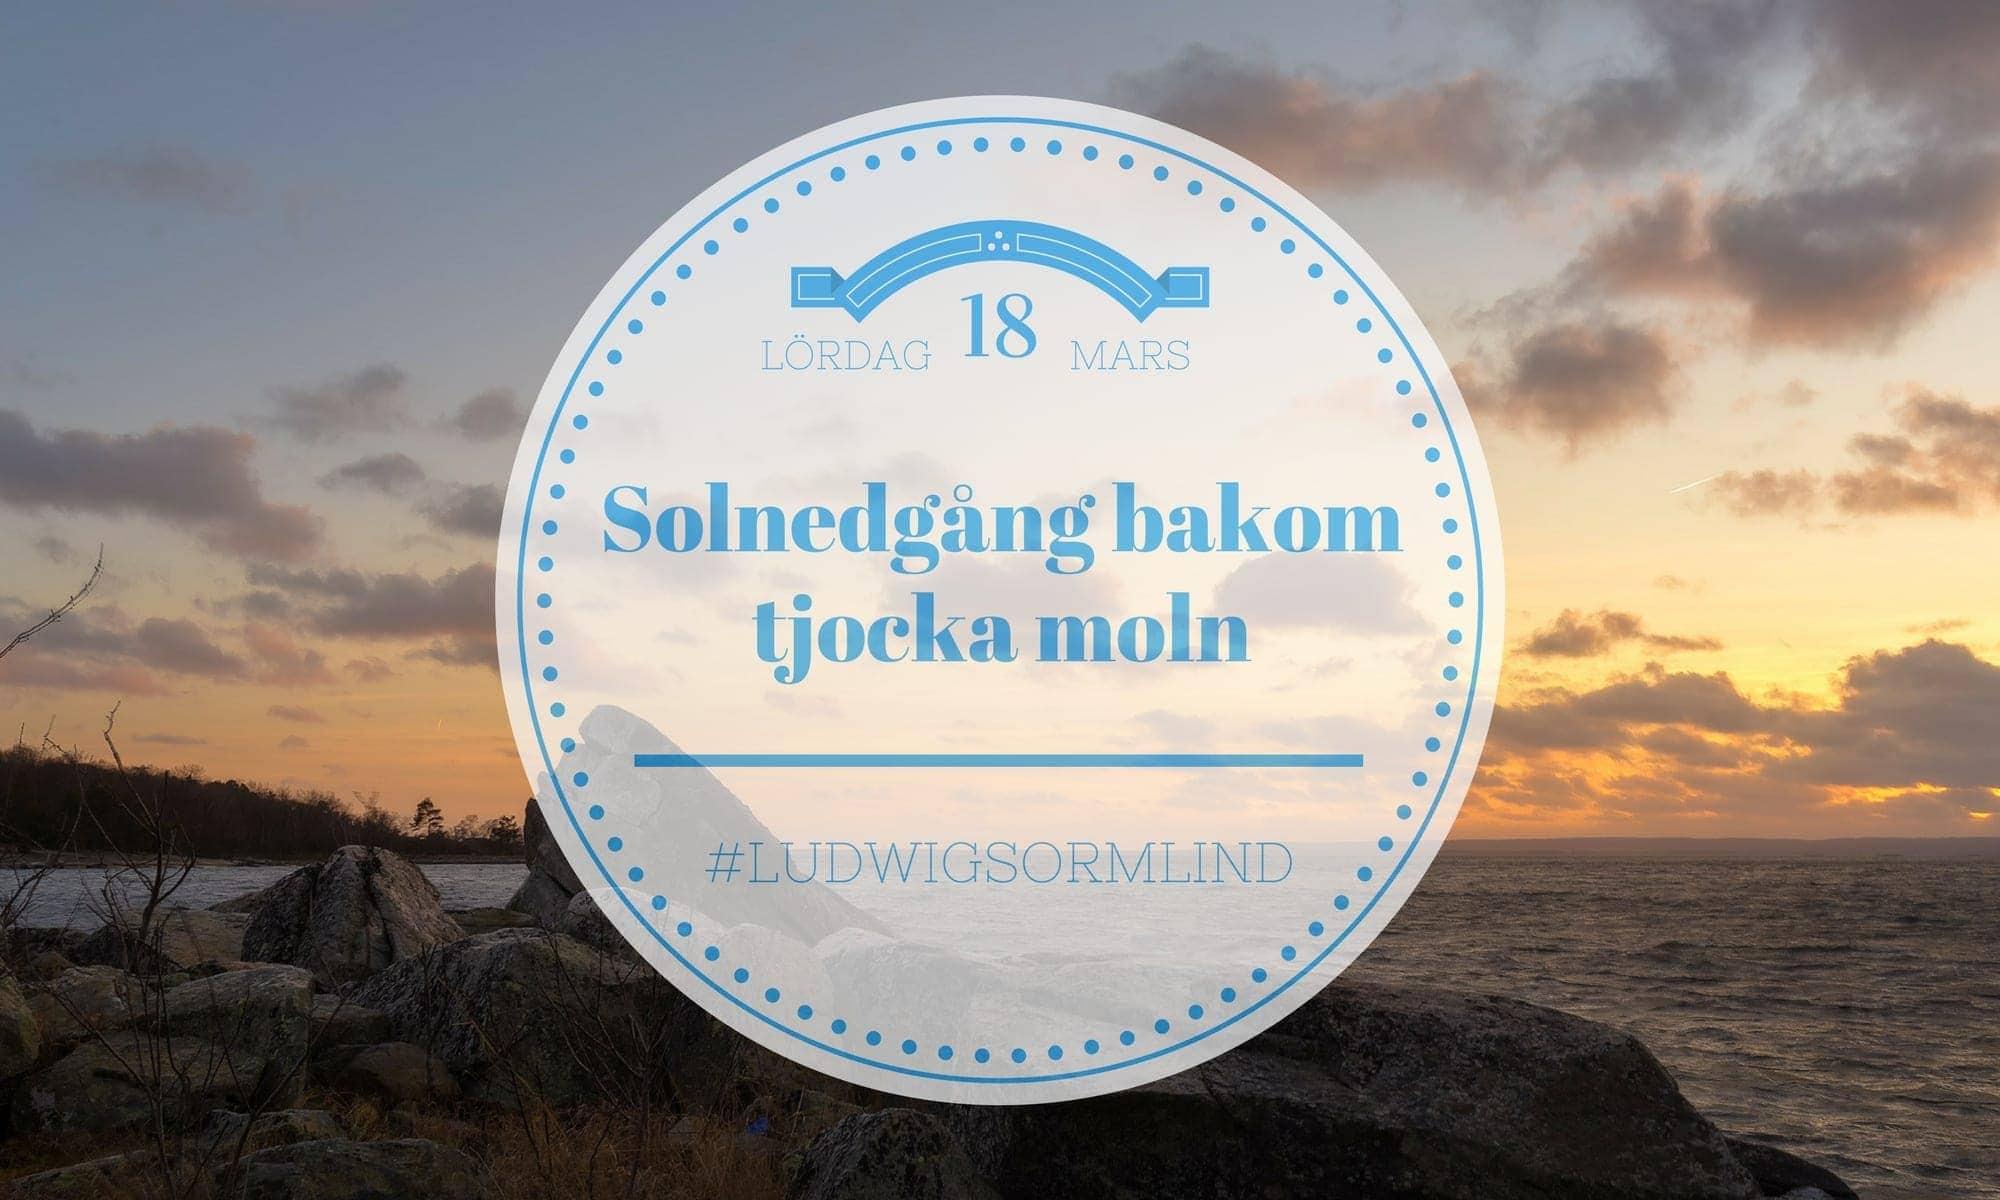 Solnedgång bakom tjocka moln - Ludwig Sörmlind